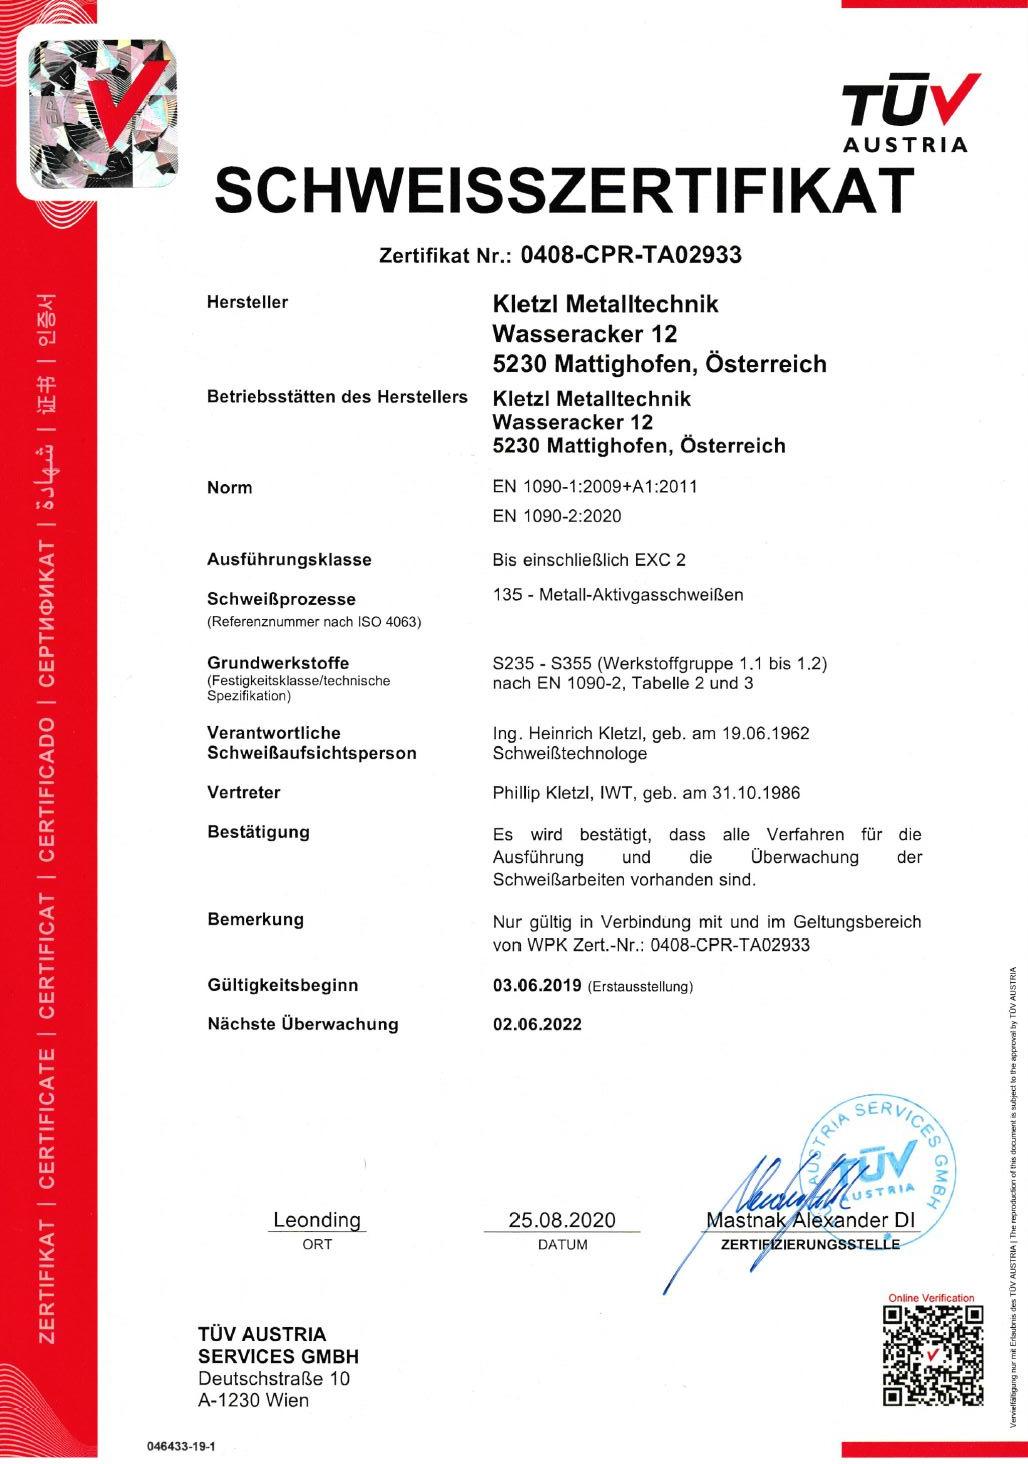 Schweisserzertifikat_edited